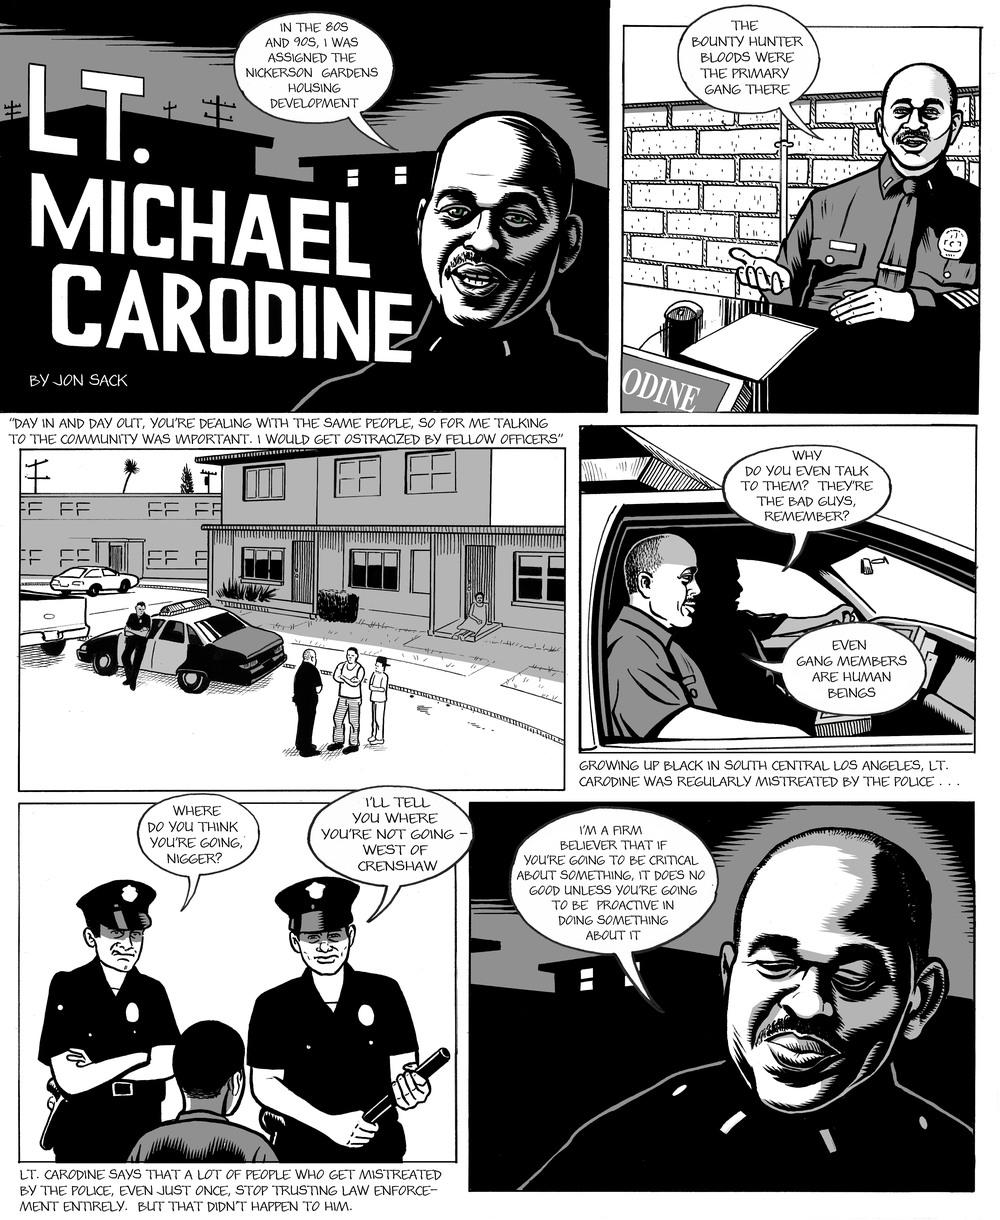 Carodine.jpg